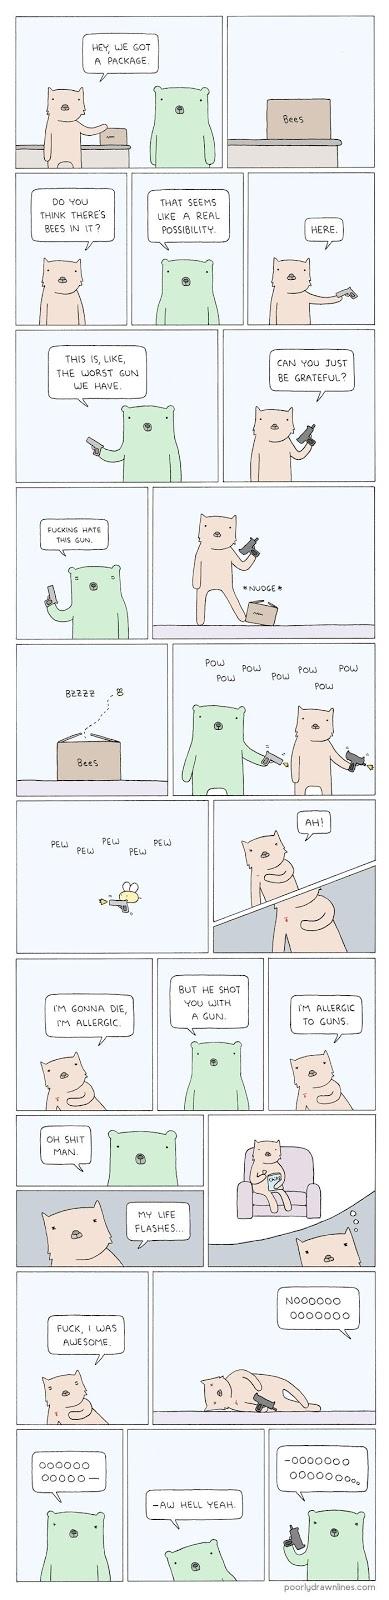 diversão em inglês - comic